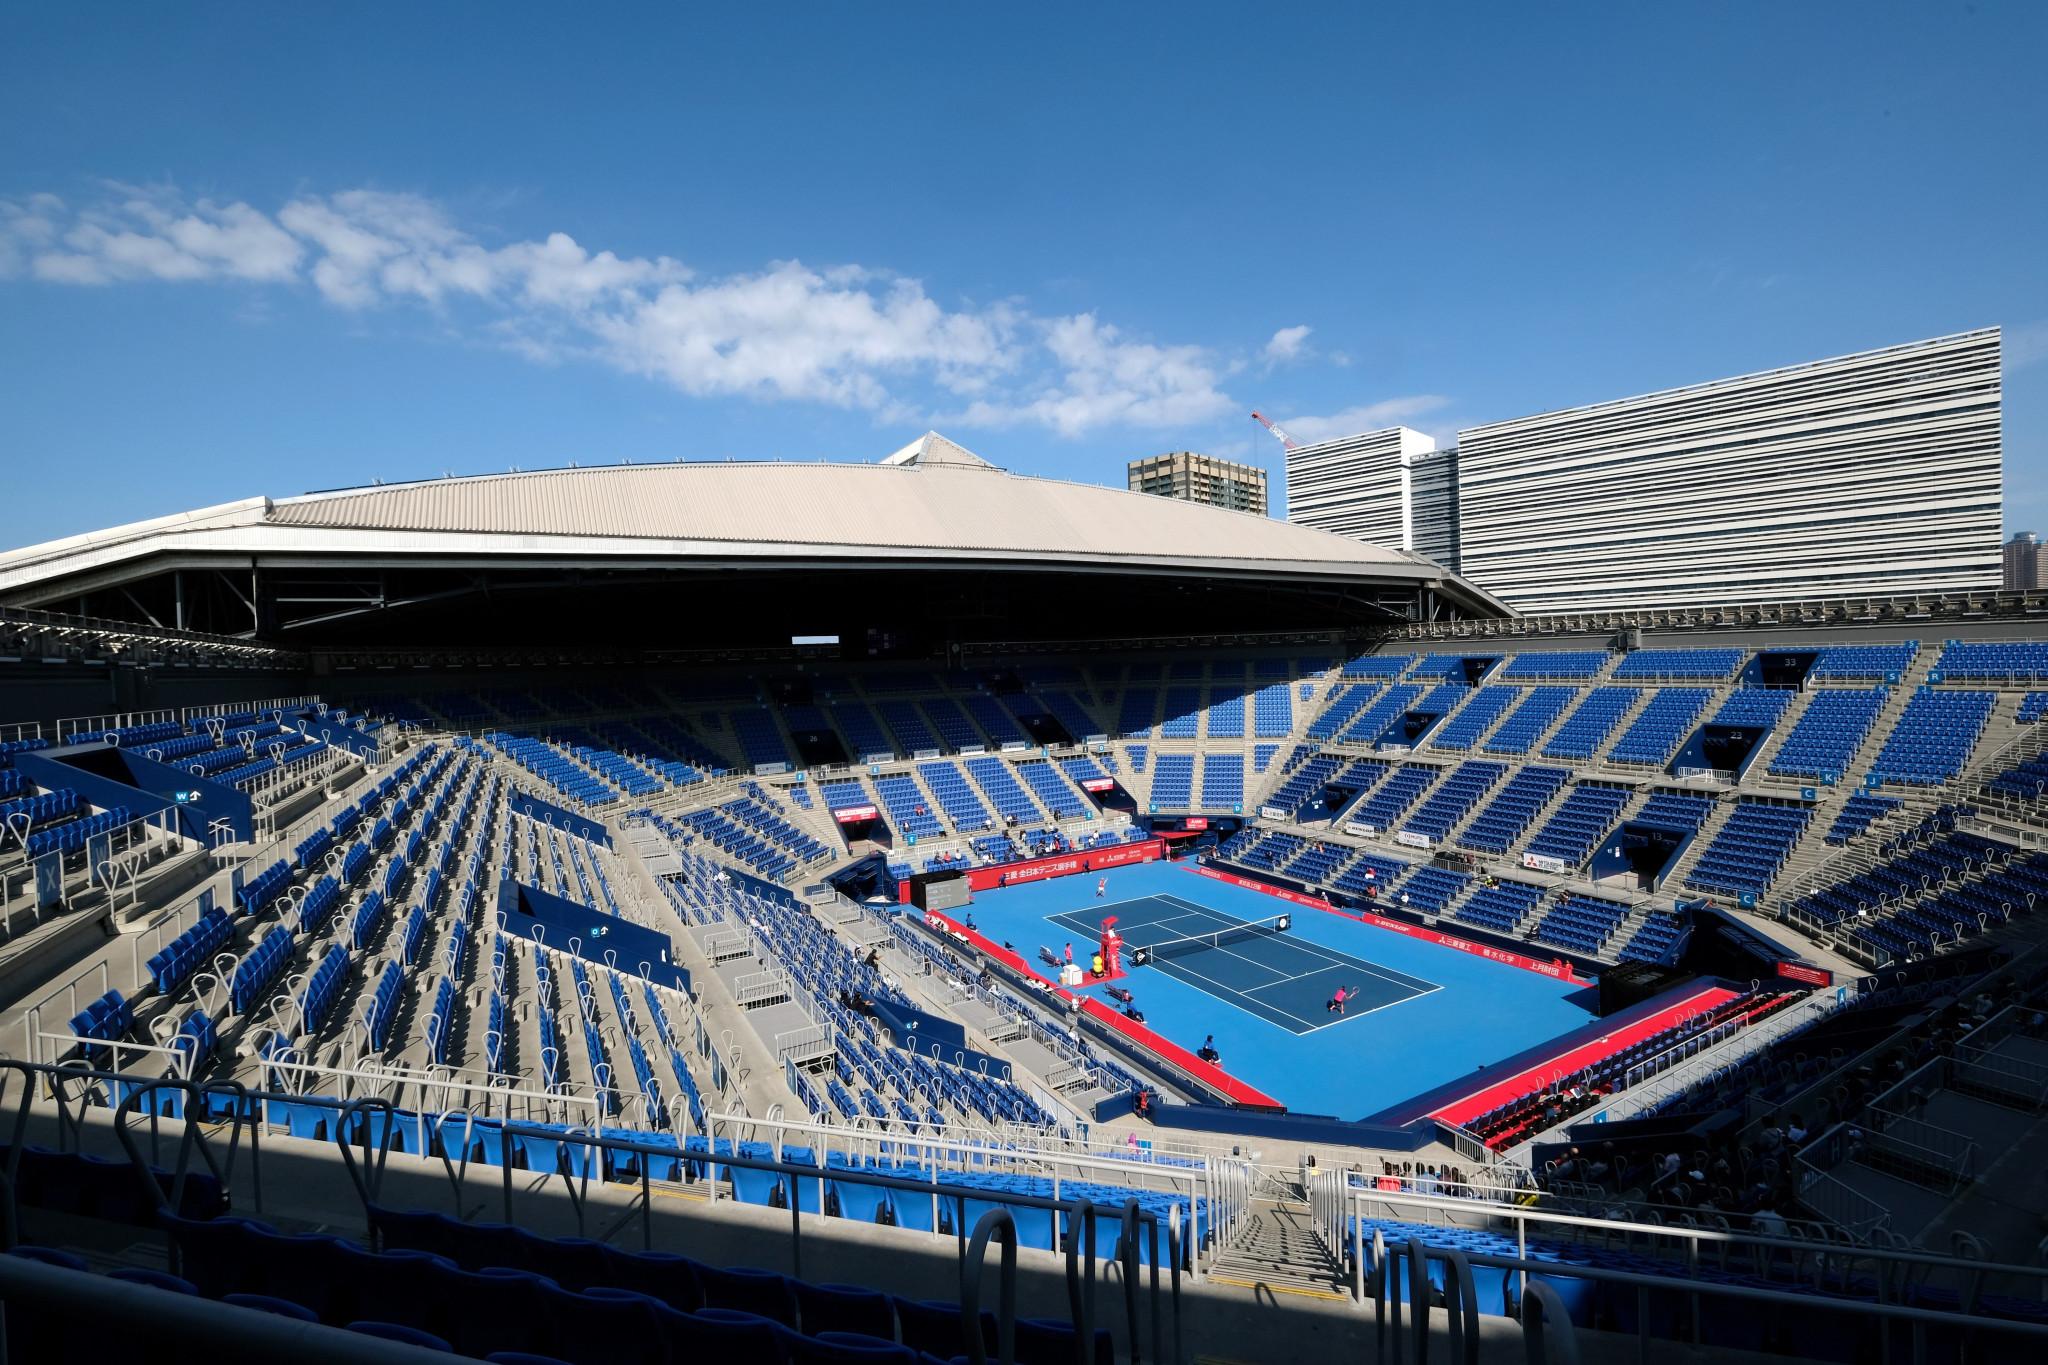 www.tennisforum.com